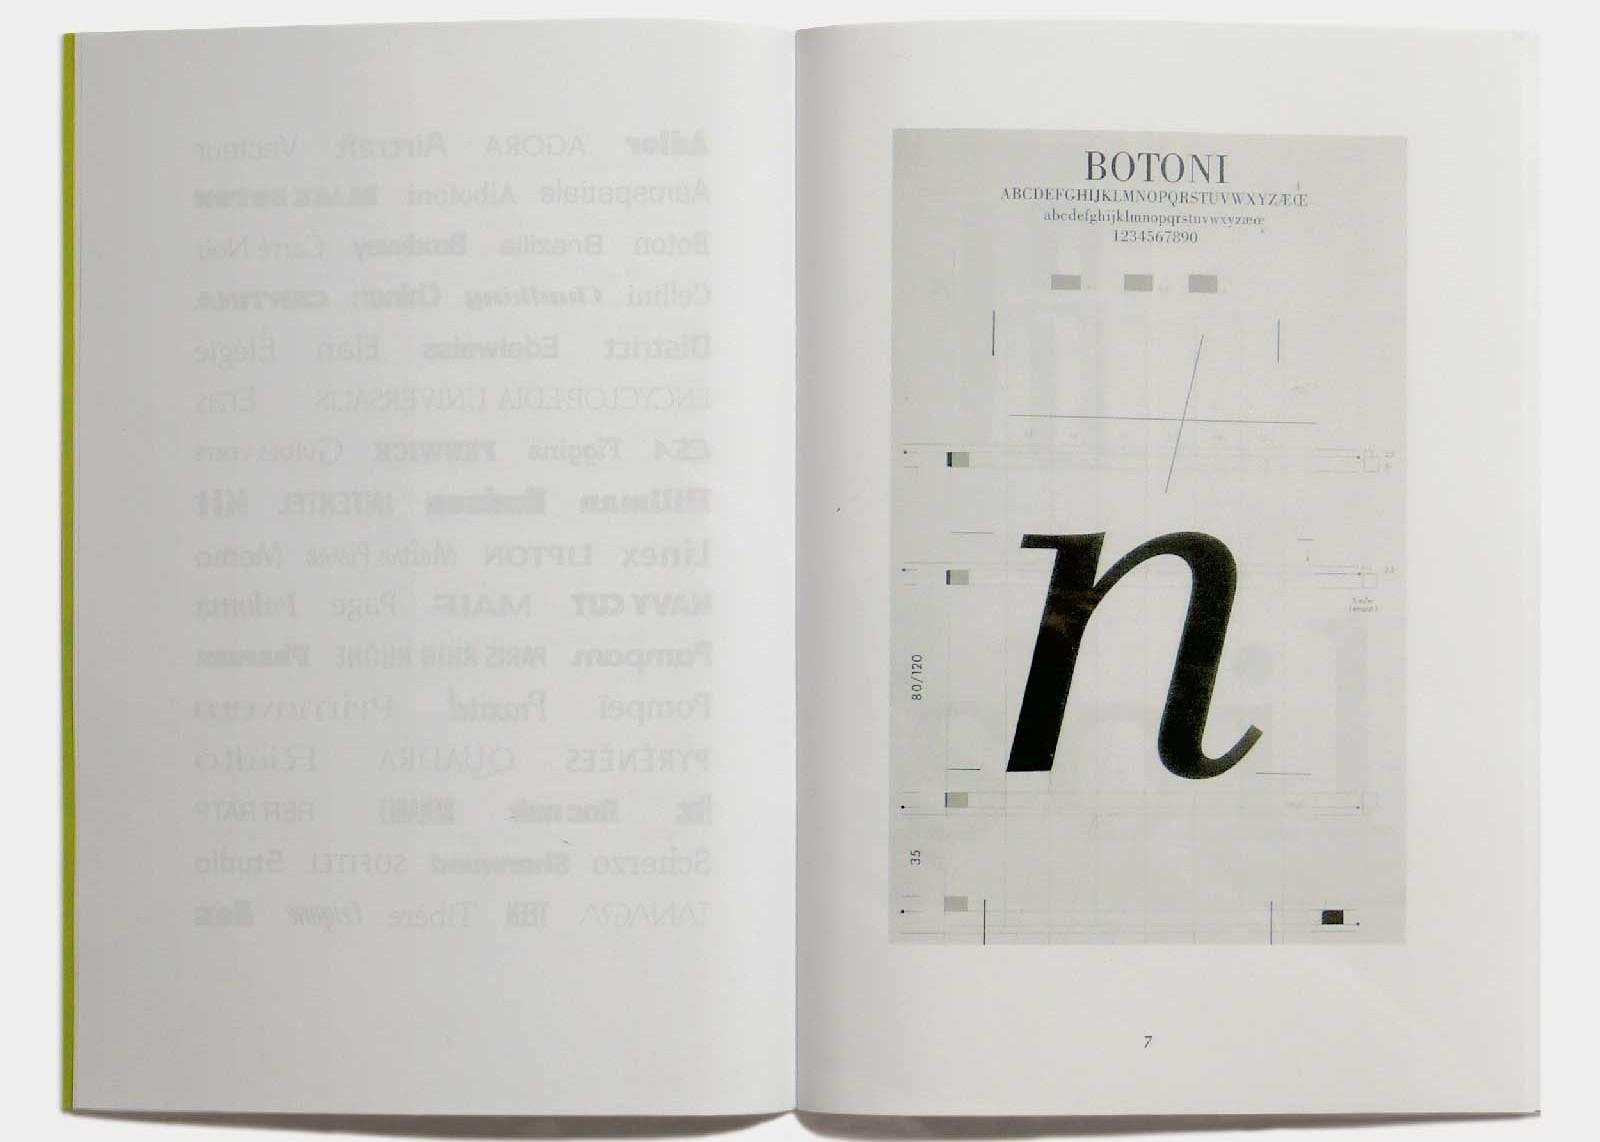 Page 7 — Caractère Botoni (1974), grille de travail.